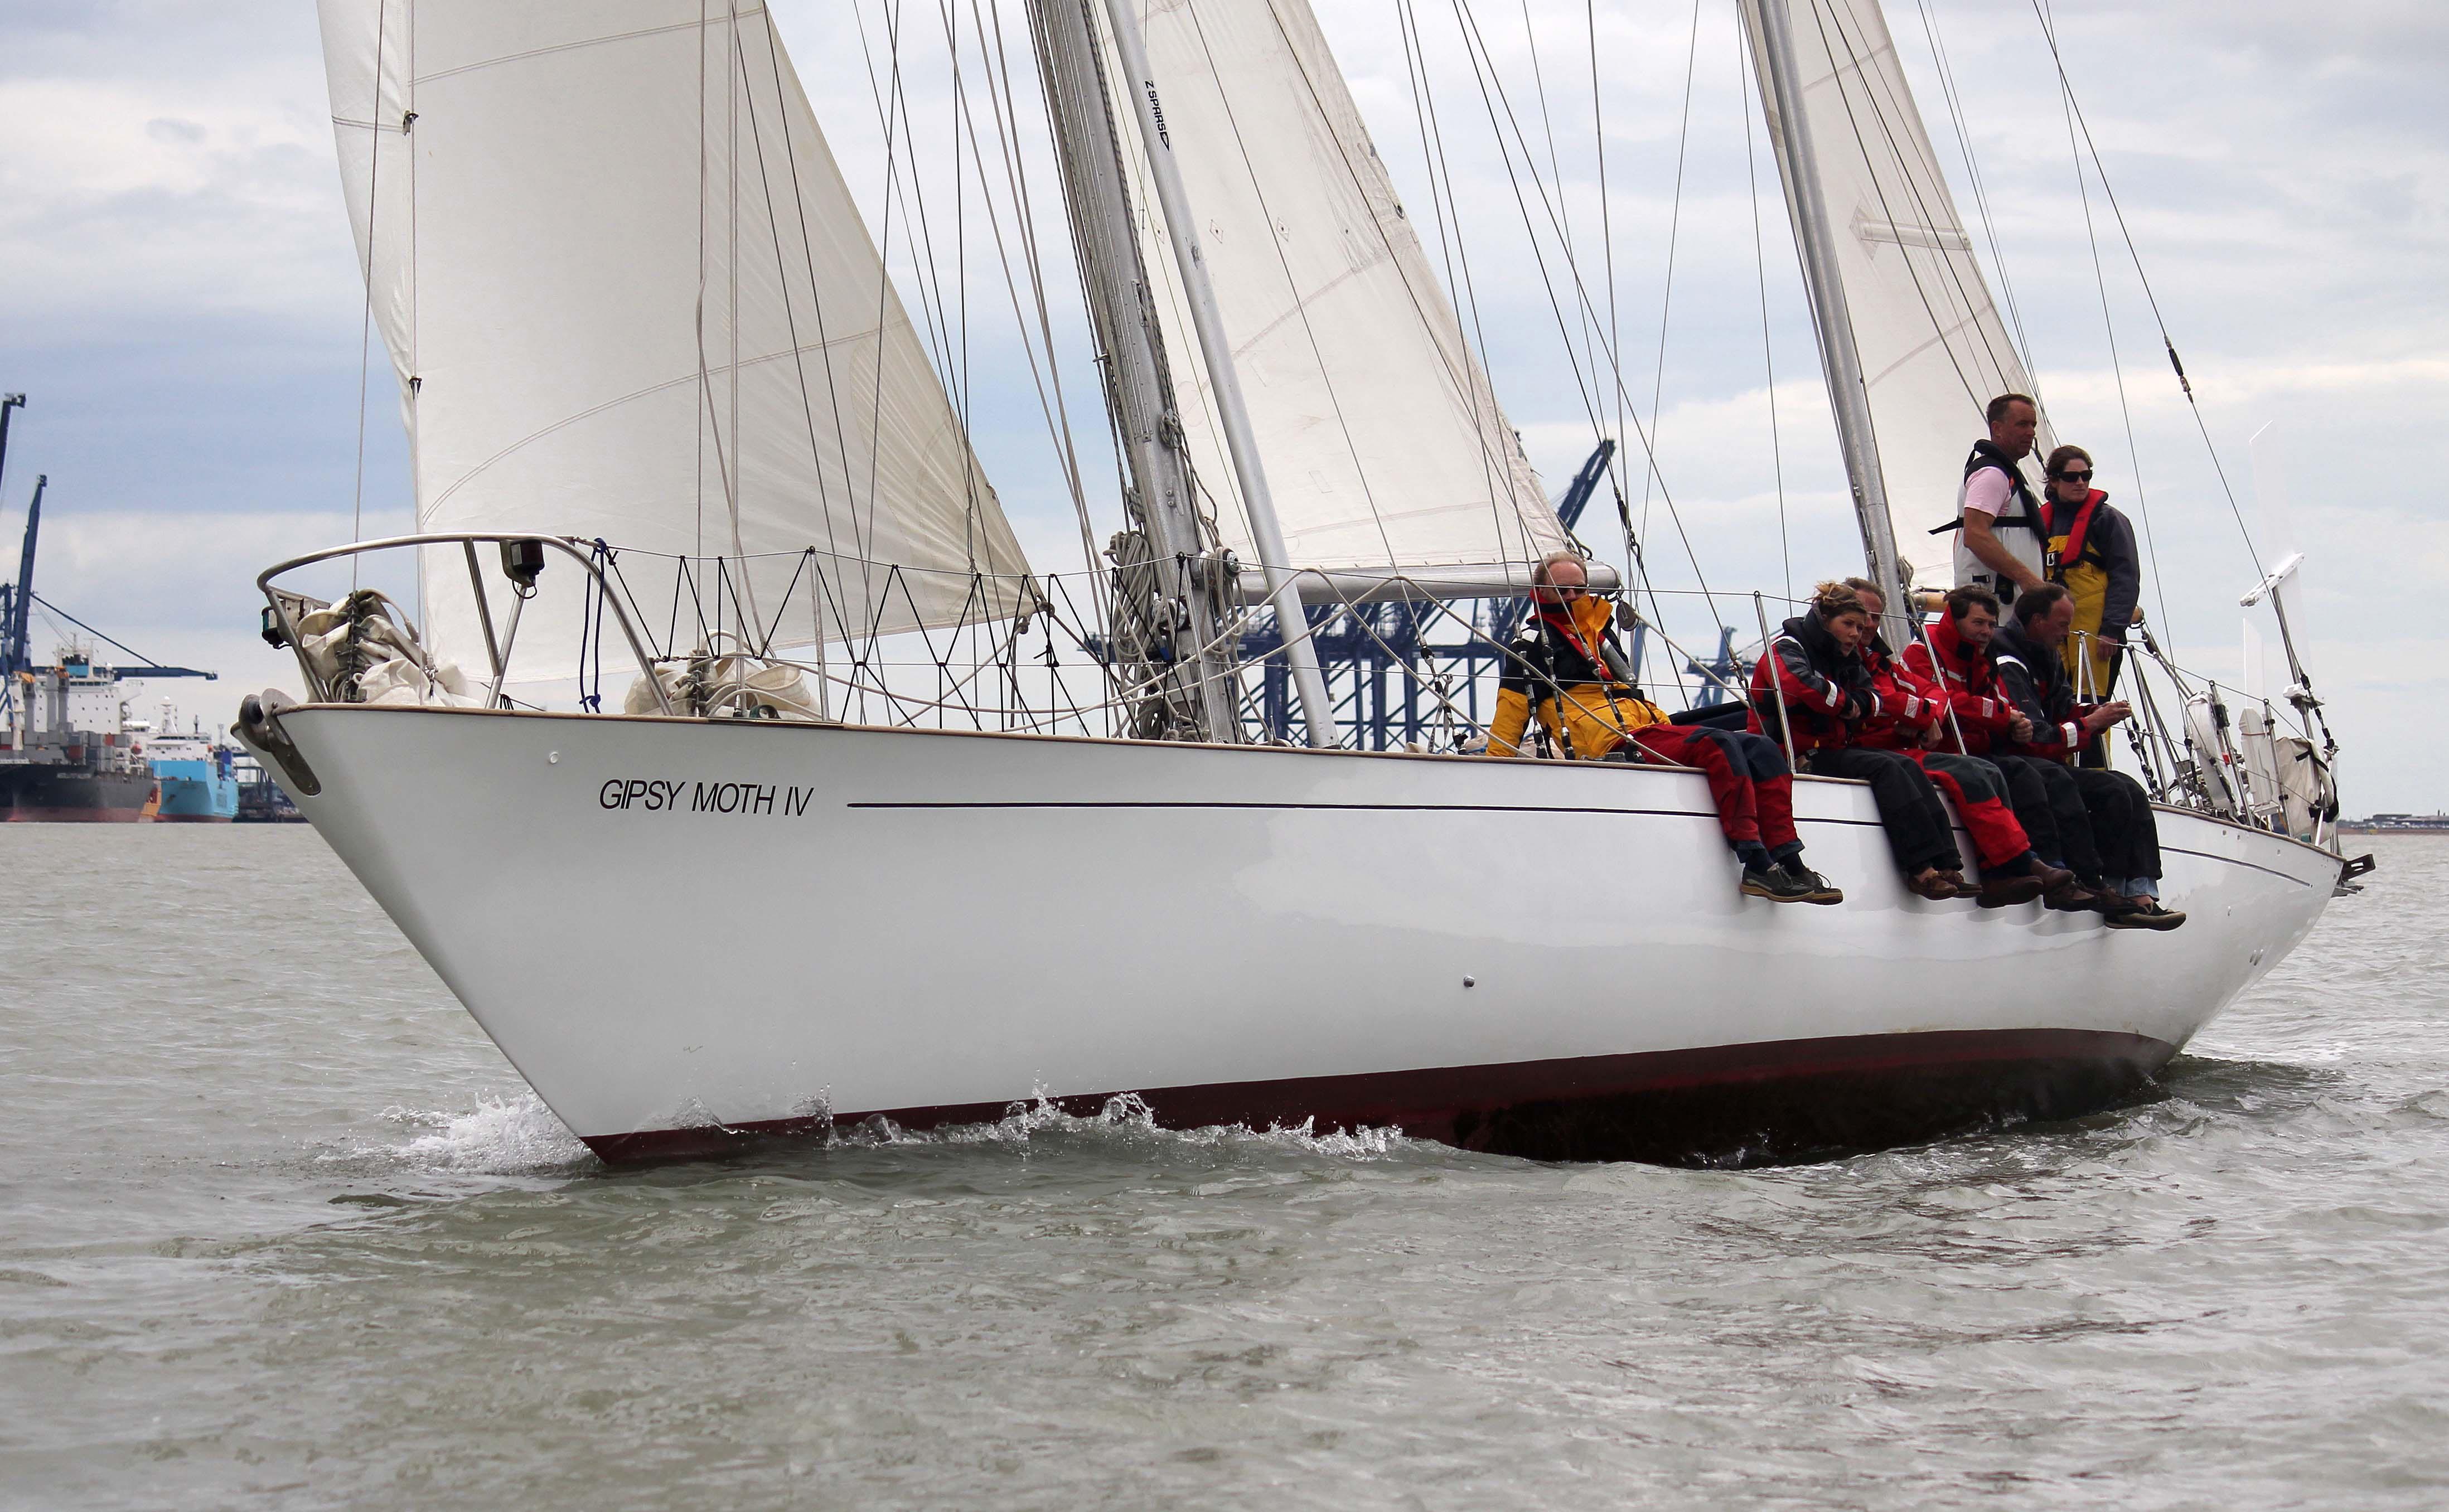 Gipsy Moth IV, la barca di Chichester che è diventata monumento